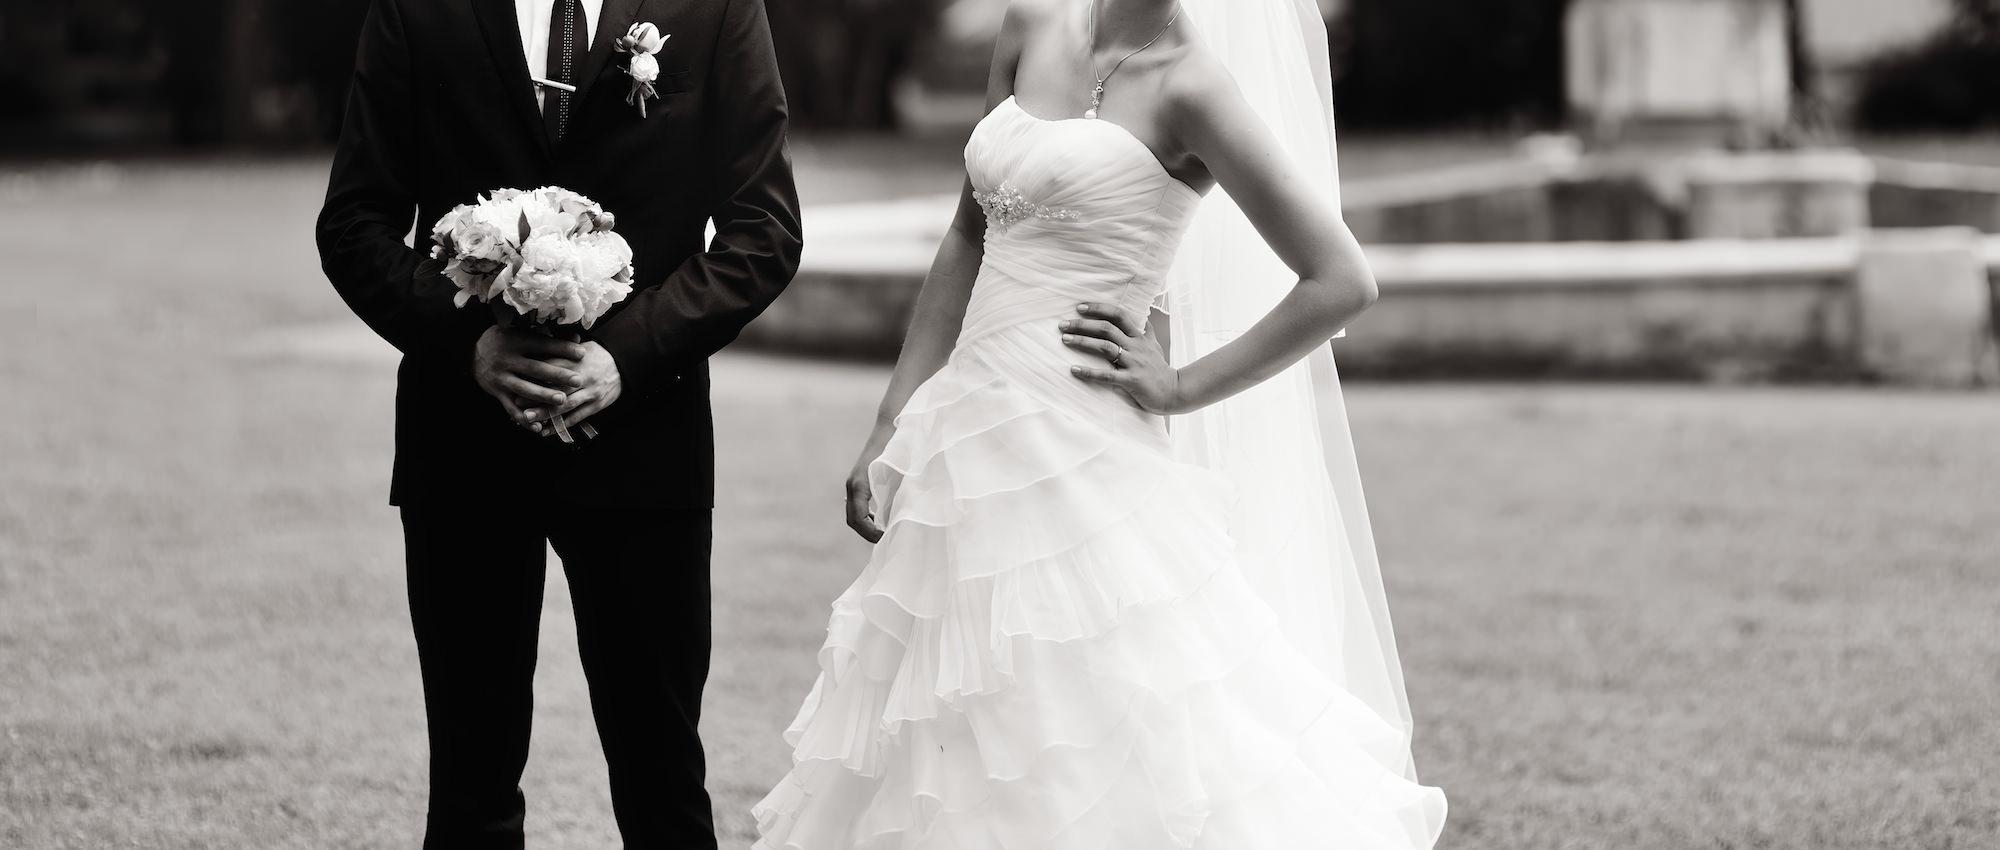 comment choisir un costume de mariage pour homme   nos conseils